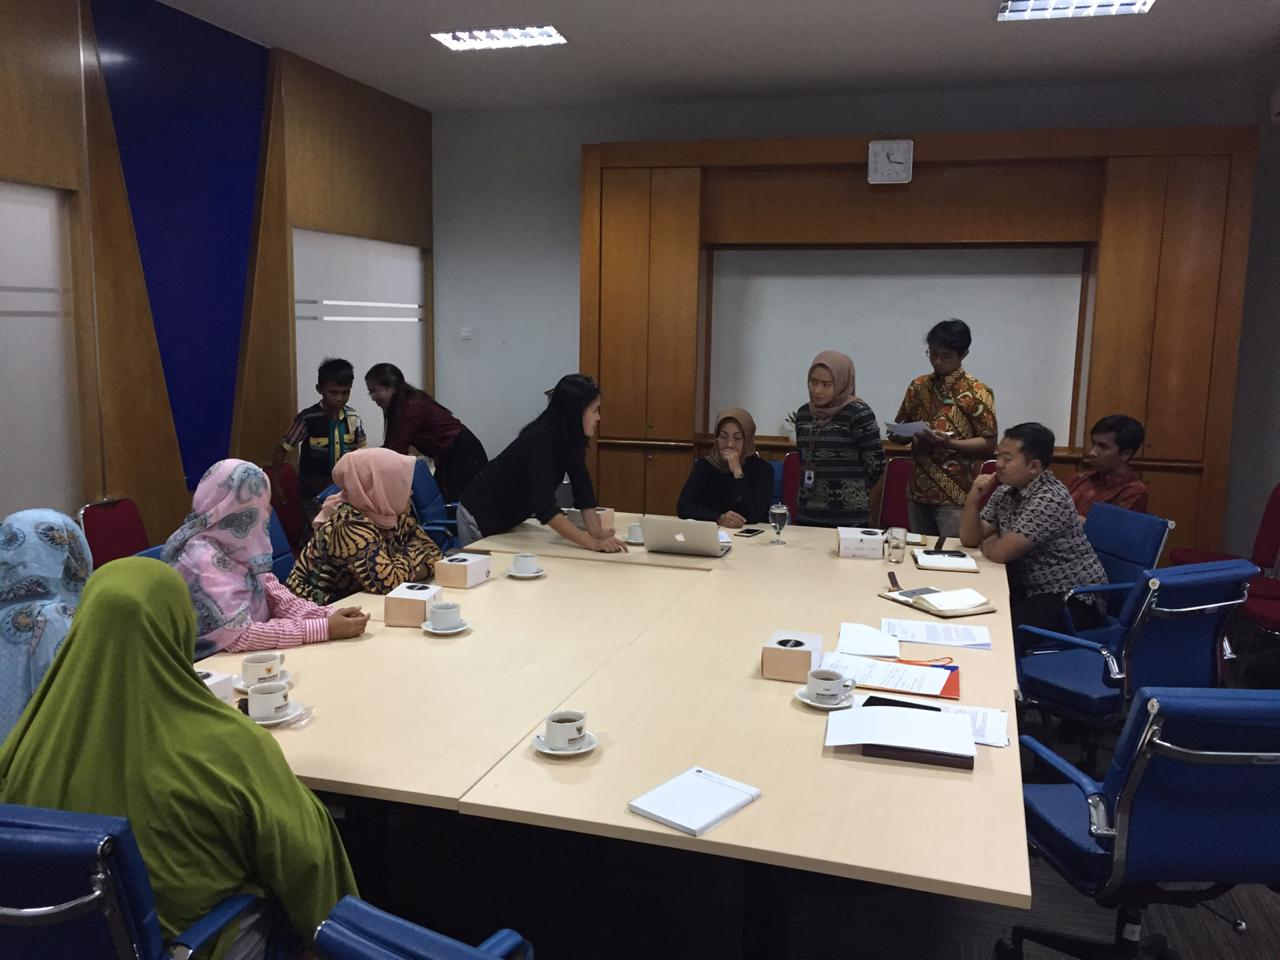 Pengacara dan Pendamping Petani SMB antaralain YLBHI,Kontras, Walhi, Jatam, dan Yayasan Perlindungan Insani ketika membuat aduan ke Ombudsman Pusat Jakarta